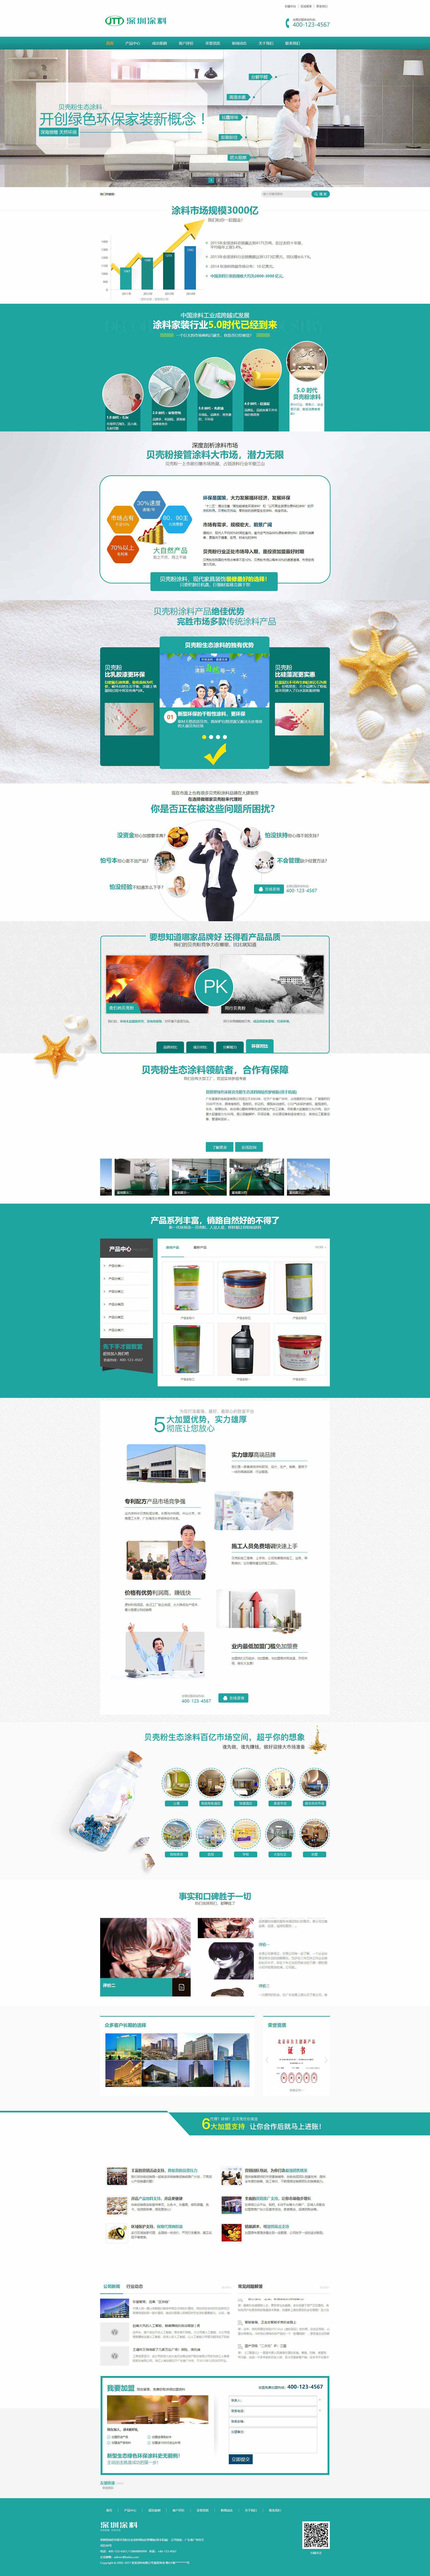 营销型绿色环保贝壳粉生态涂料网站织梦dedecms模板(带手机端)